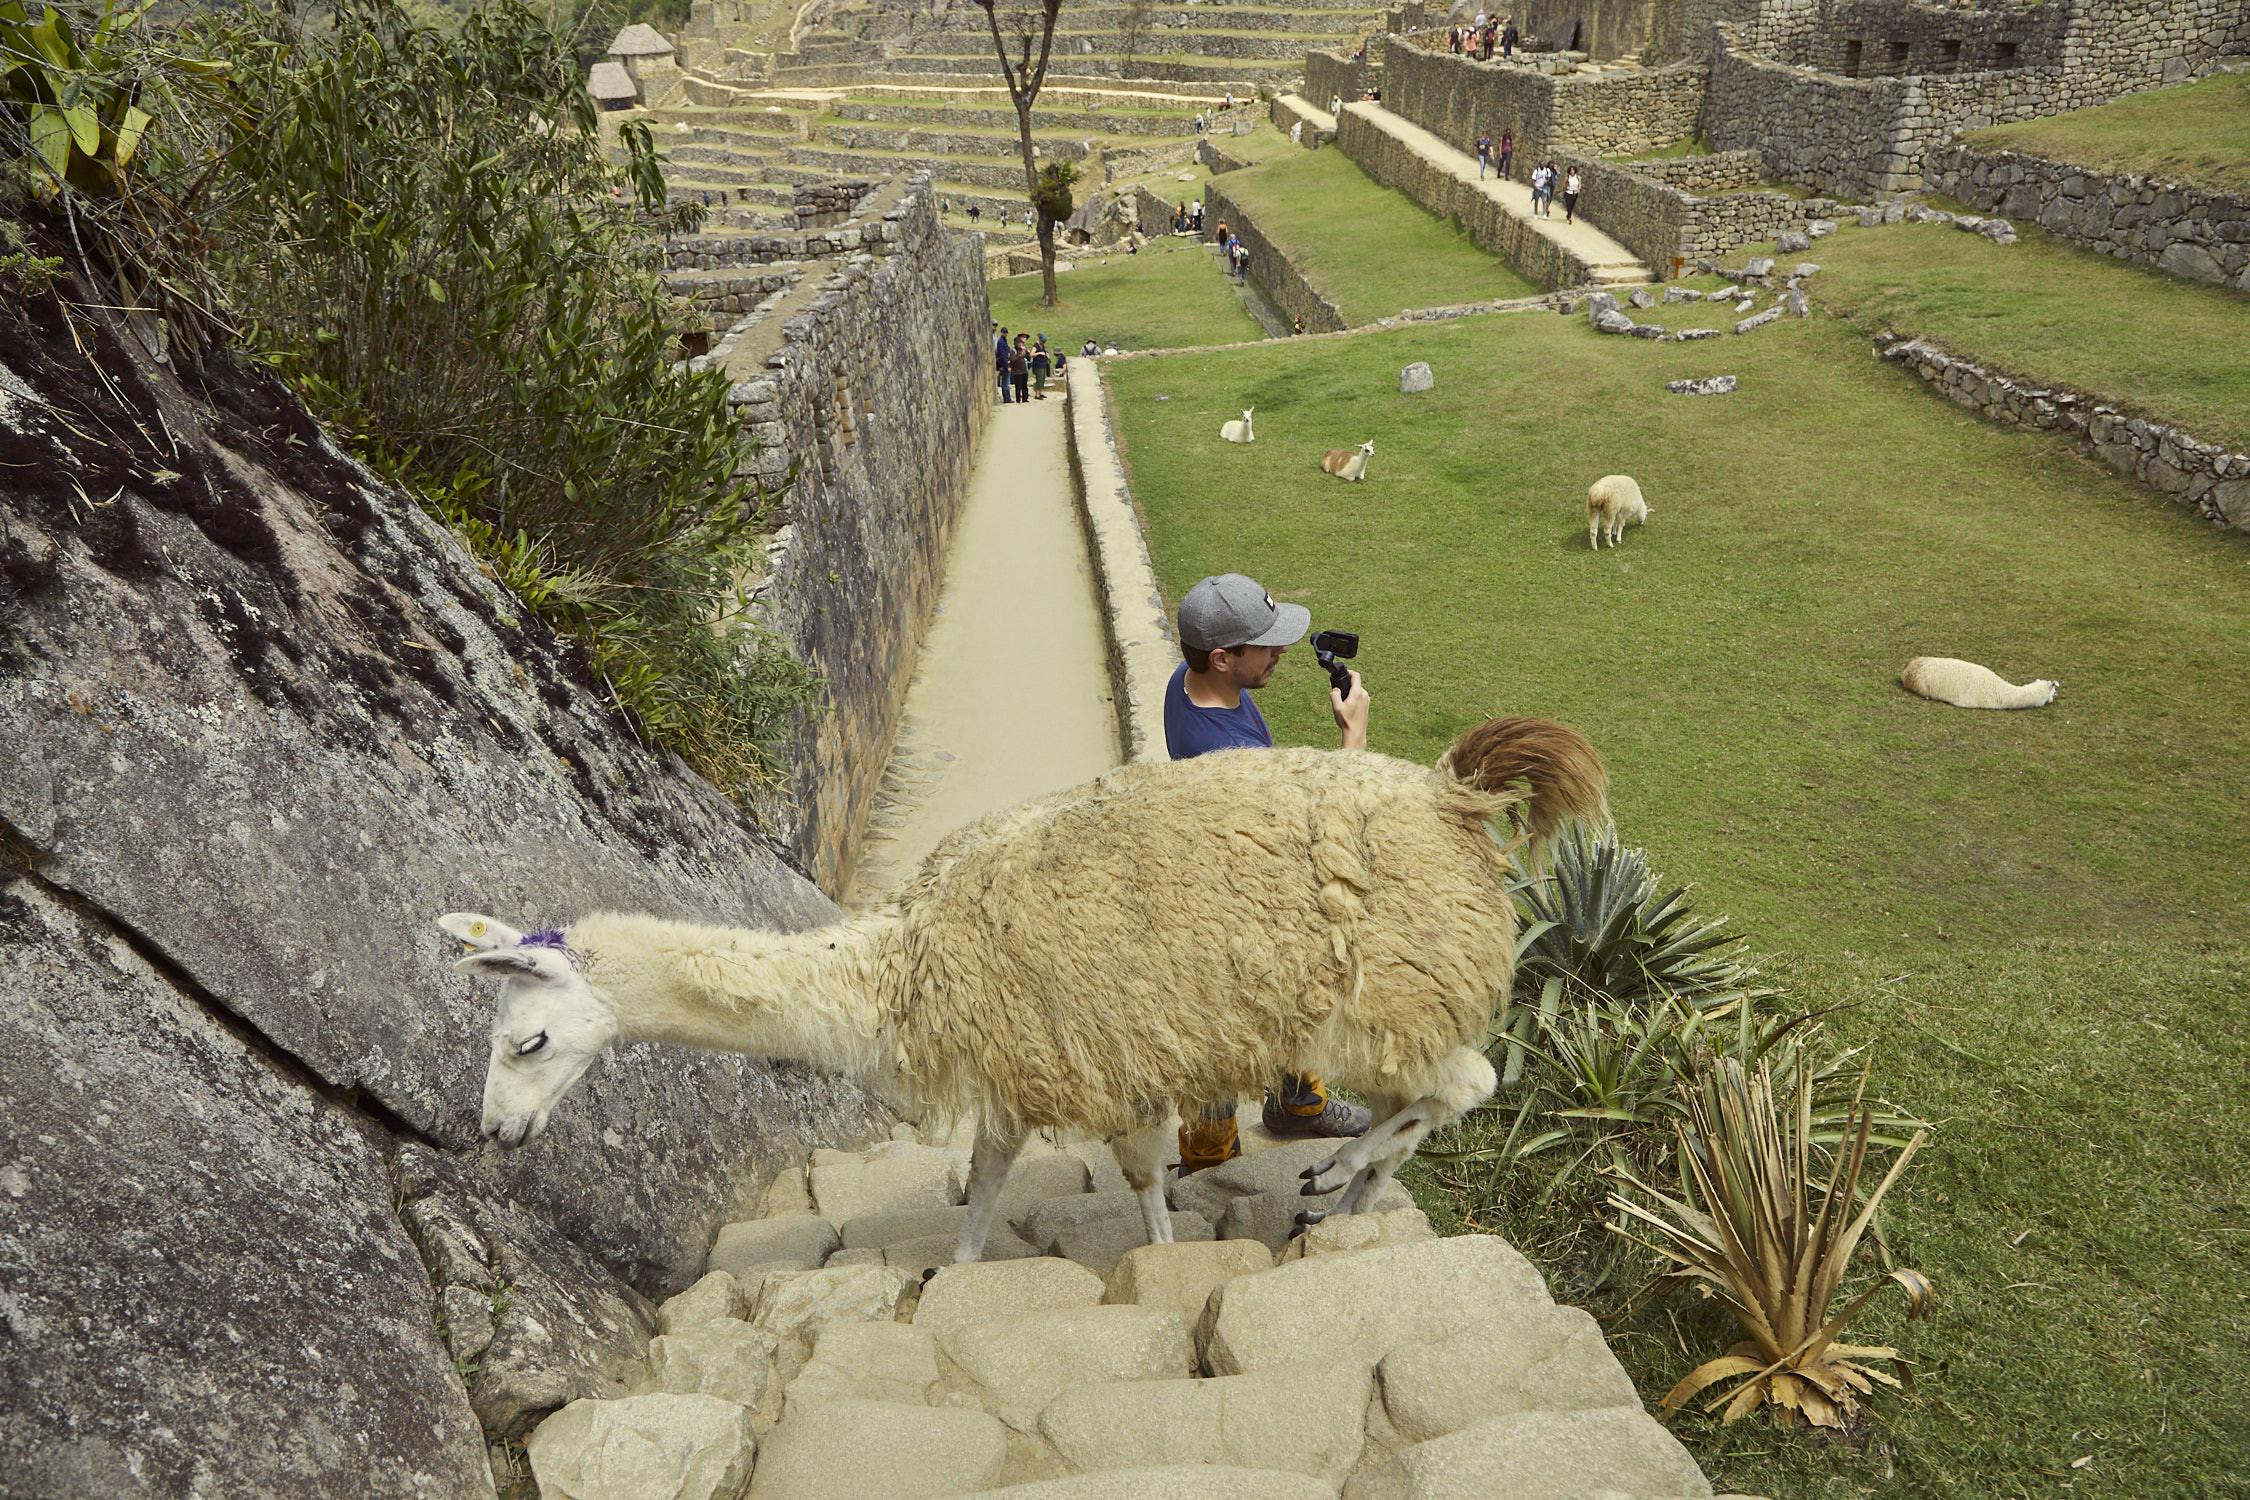 Direkt hinter Ronnie marschiert das Lama ganz schamlos vorbei. Es wirkt fast, als würde es Ronnie anrempeln